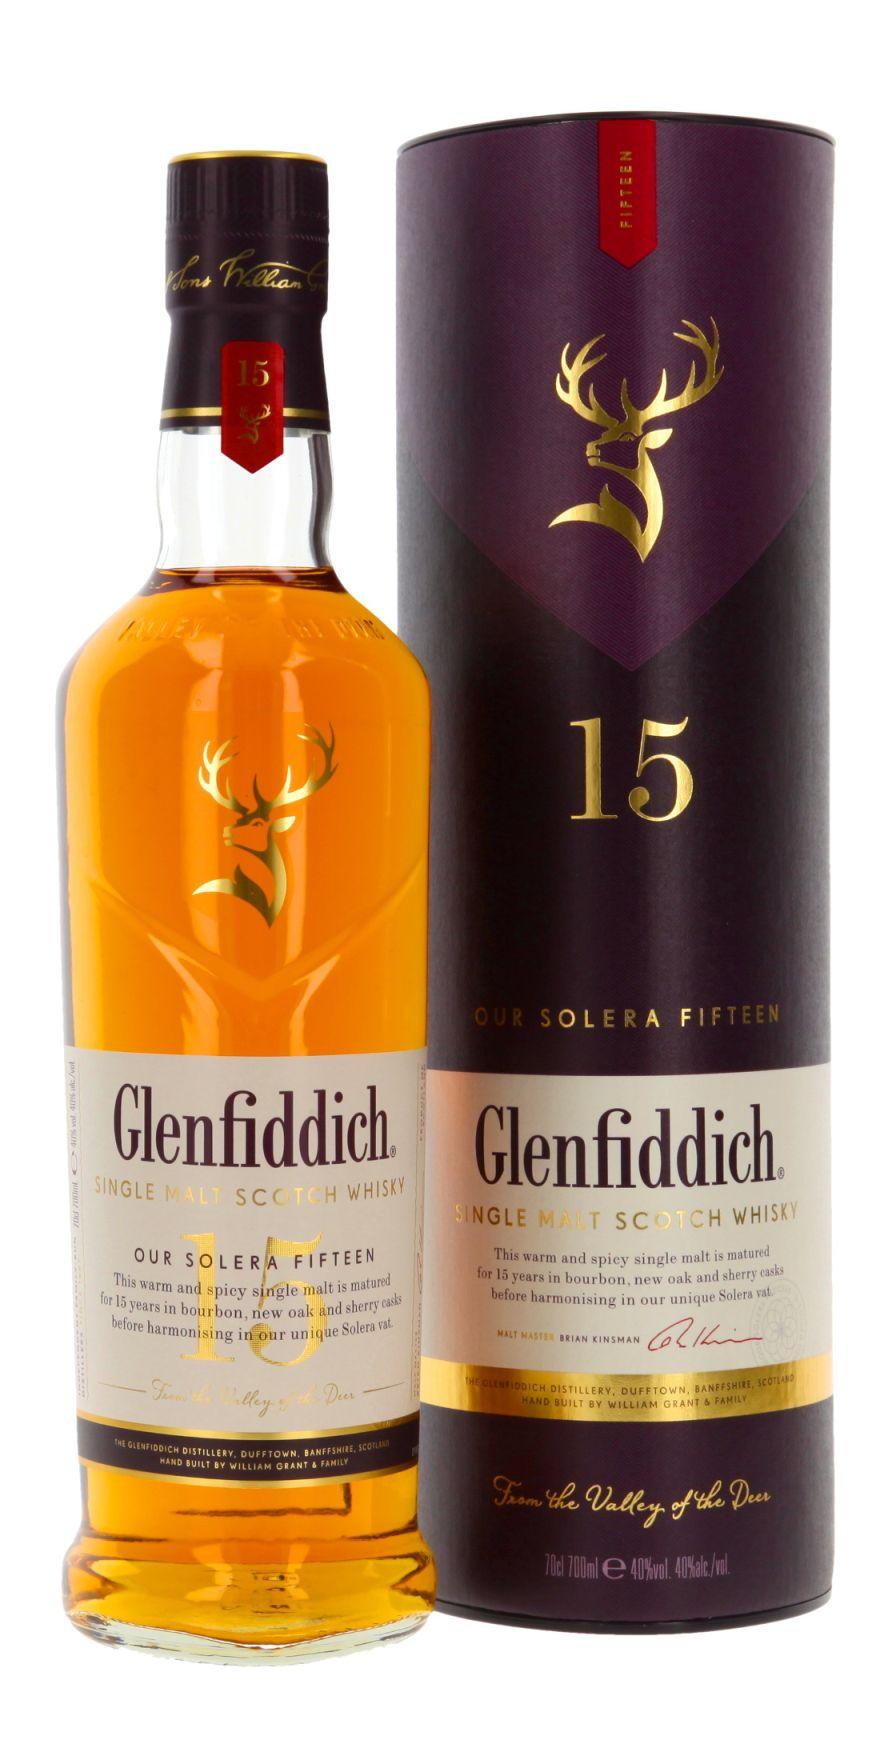 Glenfiddich Our Solera Fifteen